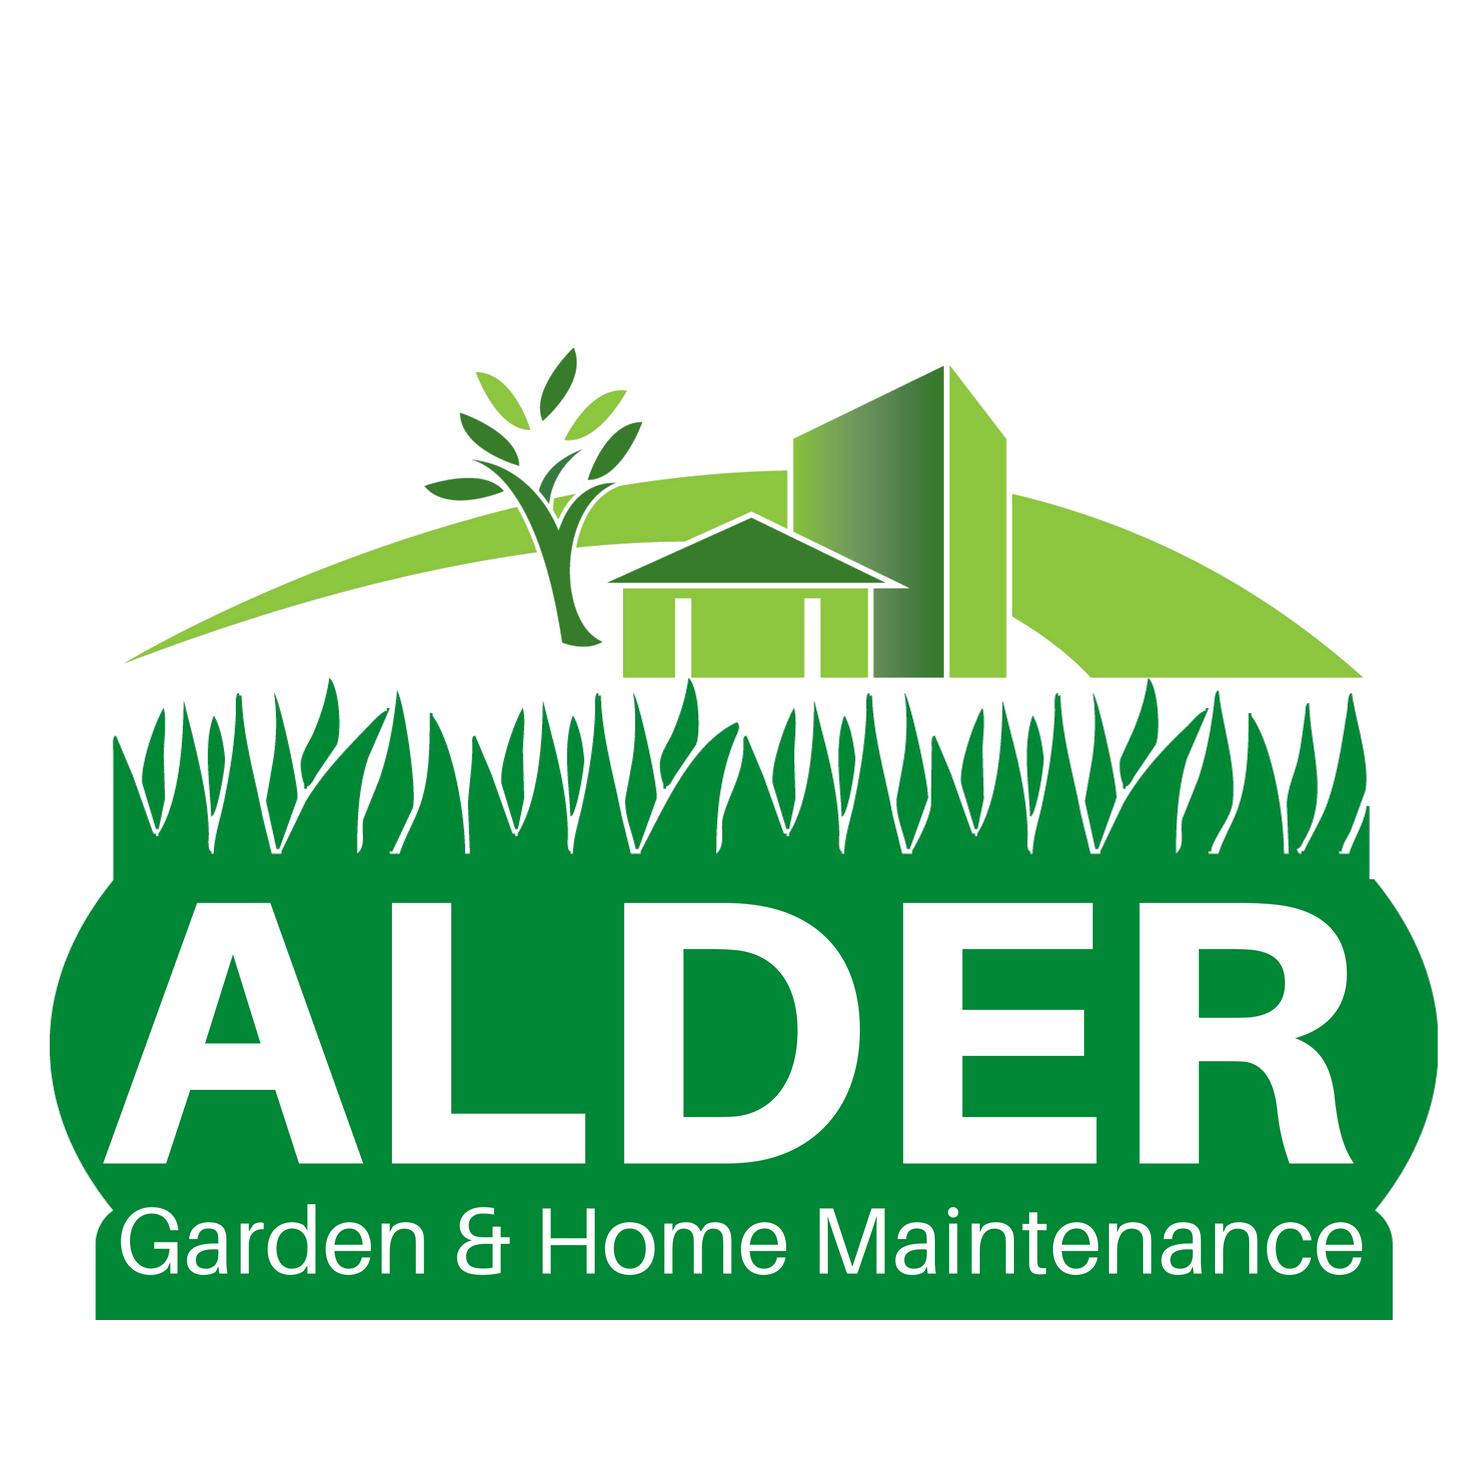 Alder garden services other home garden services in for Home gardening services